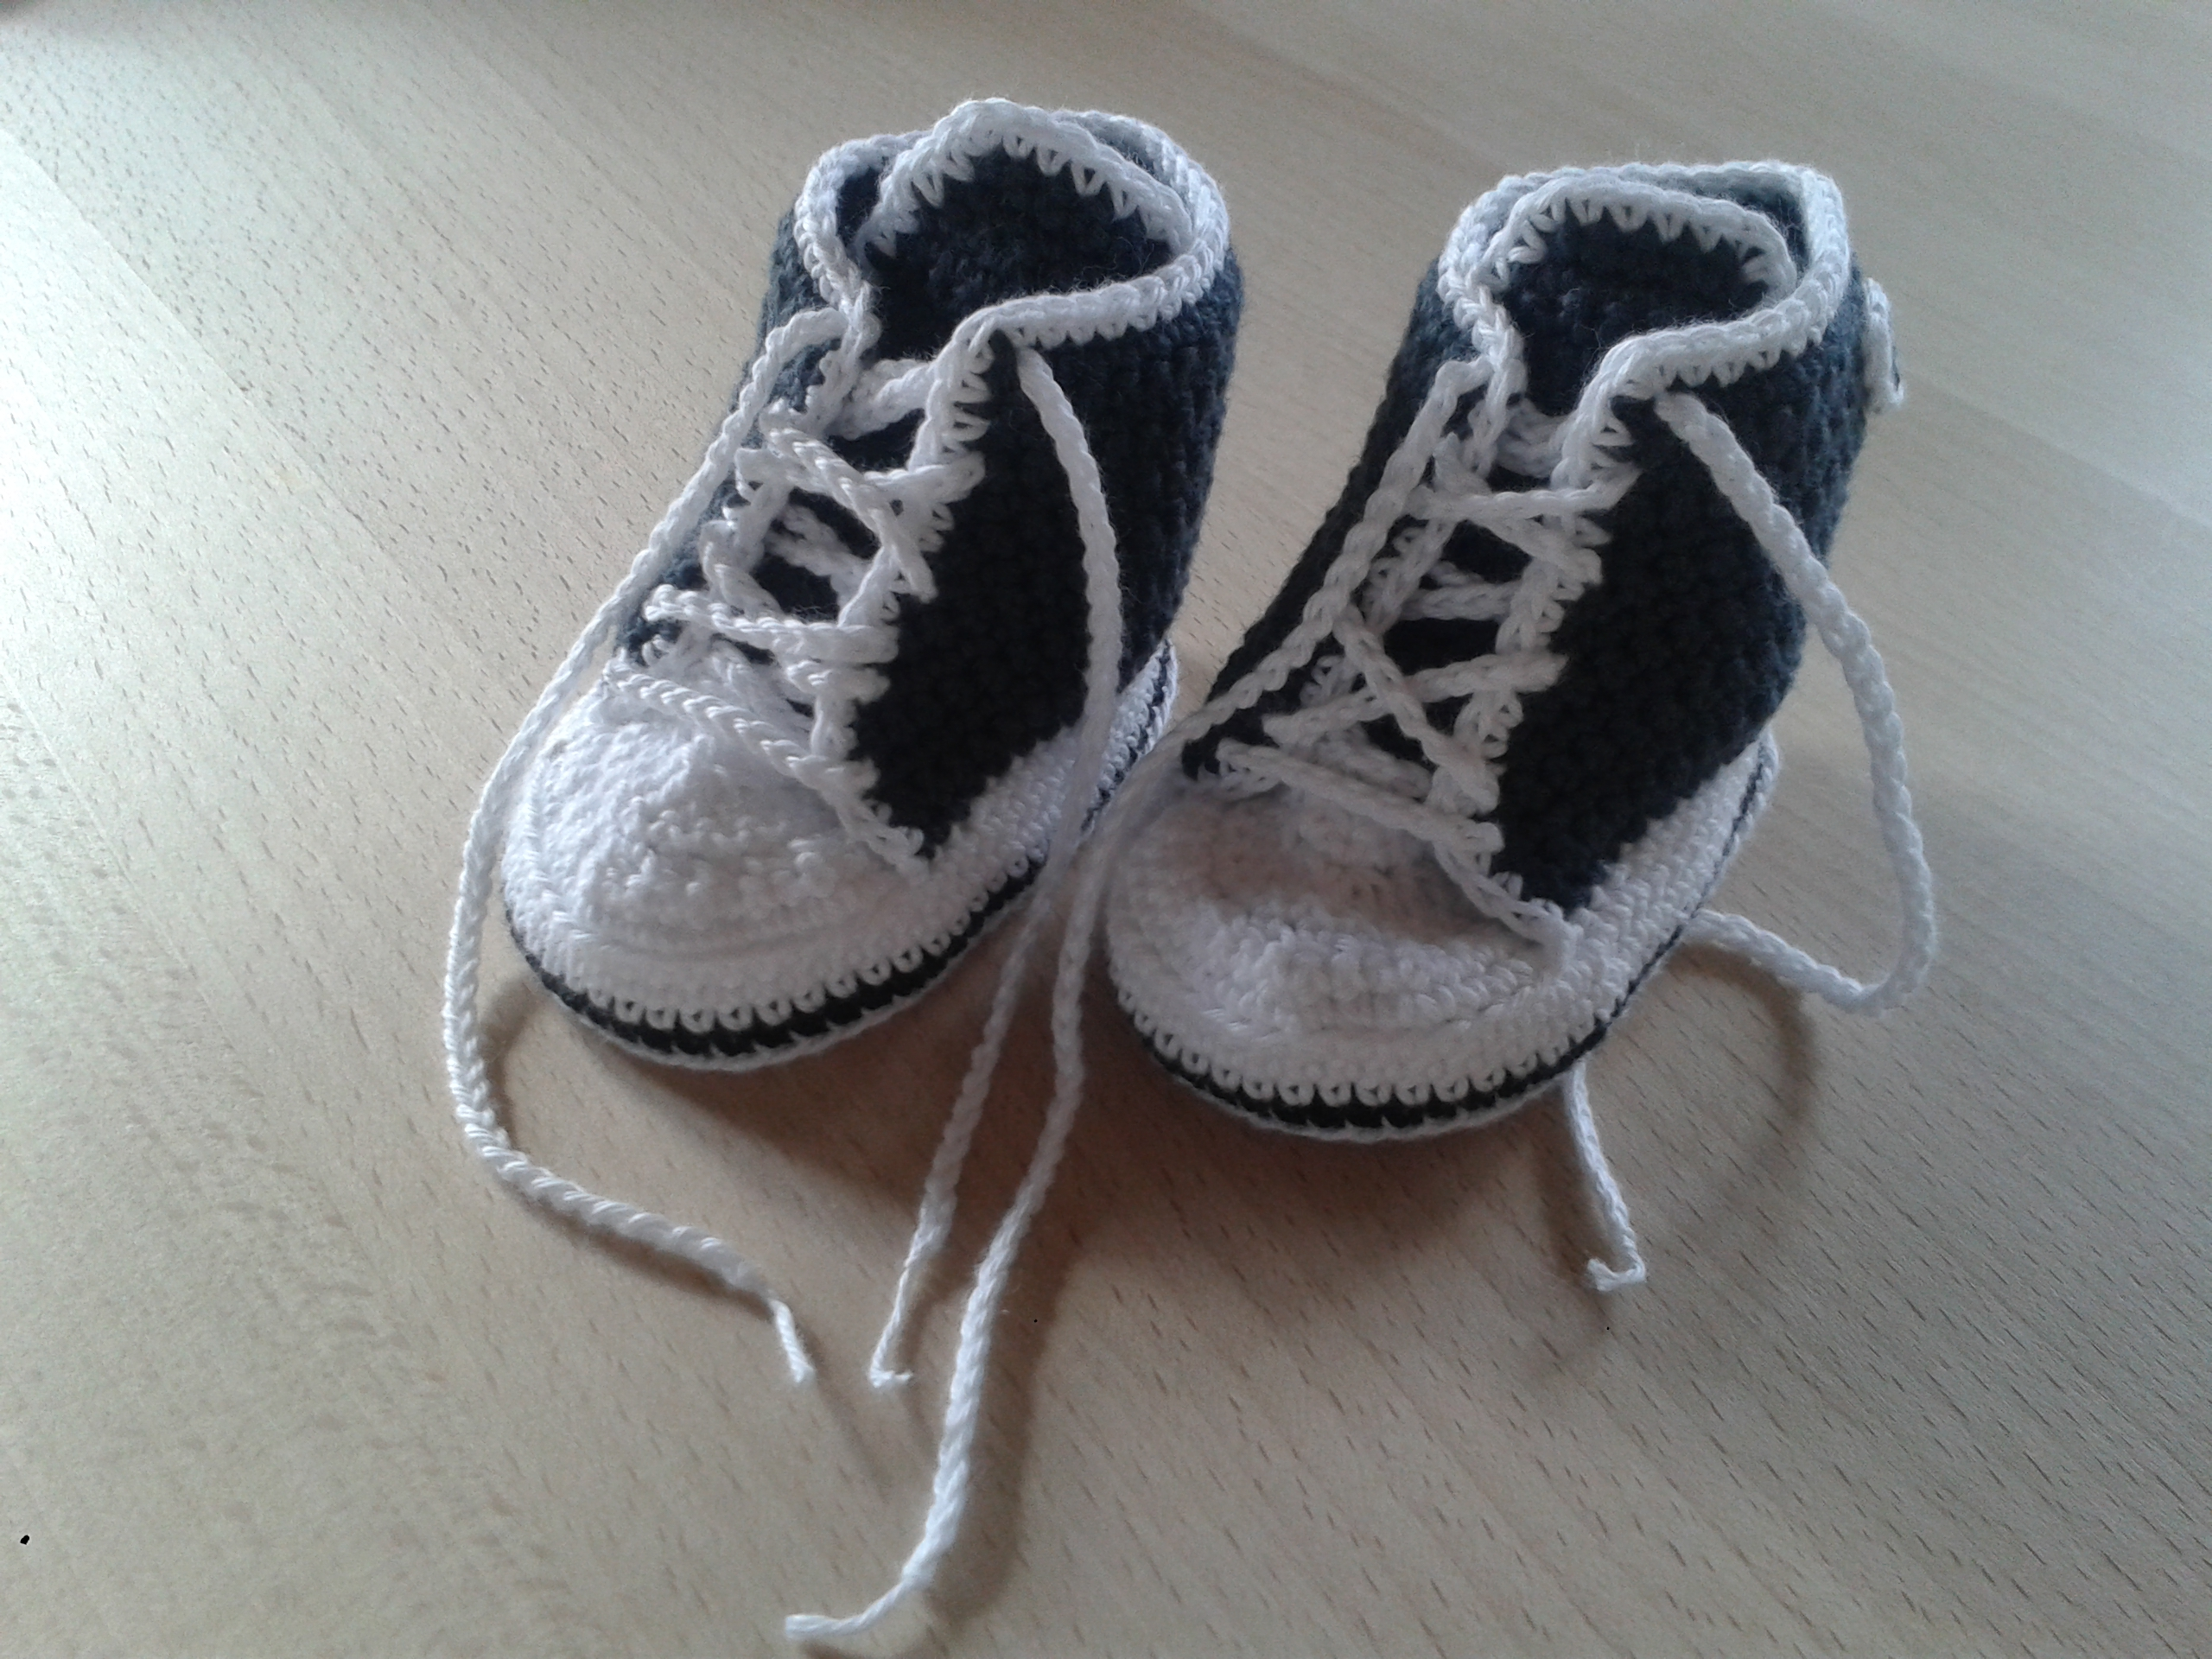 adddbb2bd14 (Denne opskrift er ikke gennem prøver, jeg har ikke haft mulighed for at  prøve converse skoene på babyer, så der er ingen garan 20150401_161506